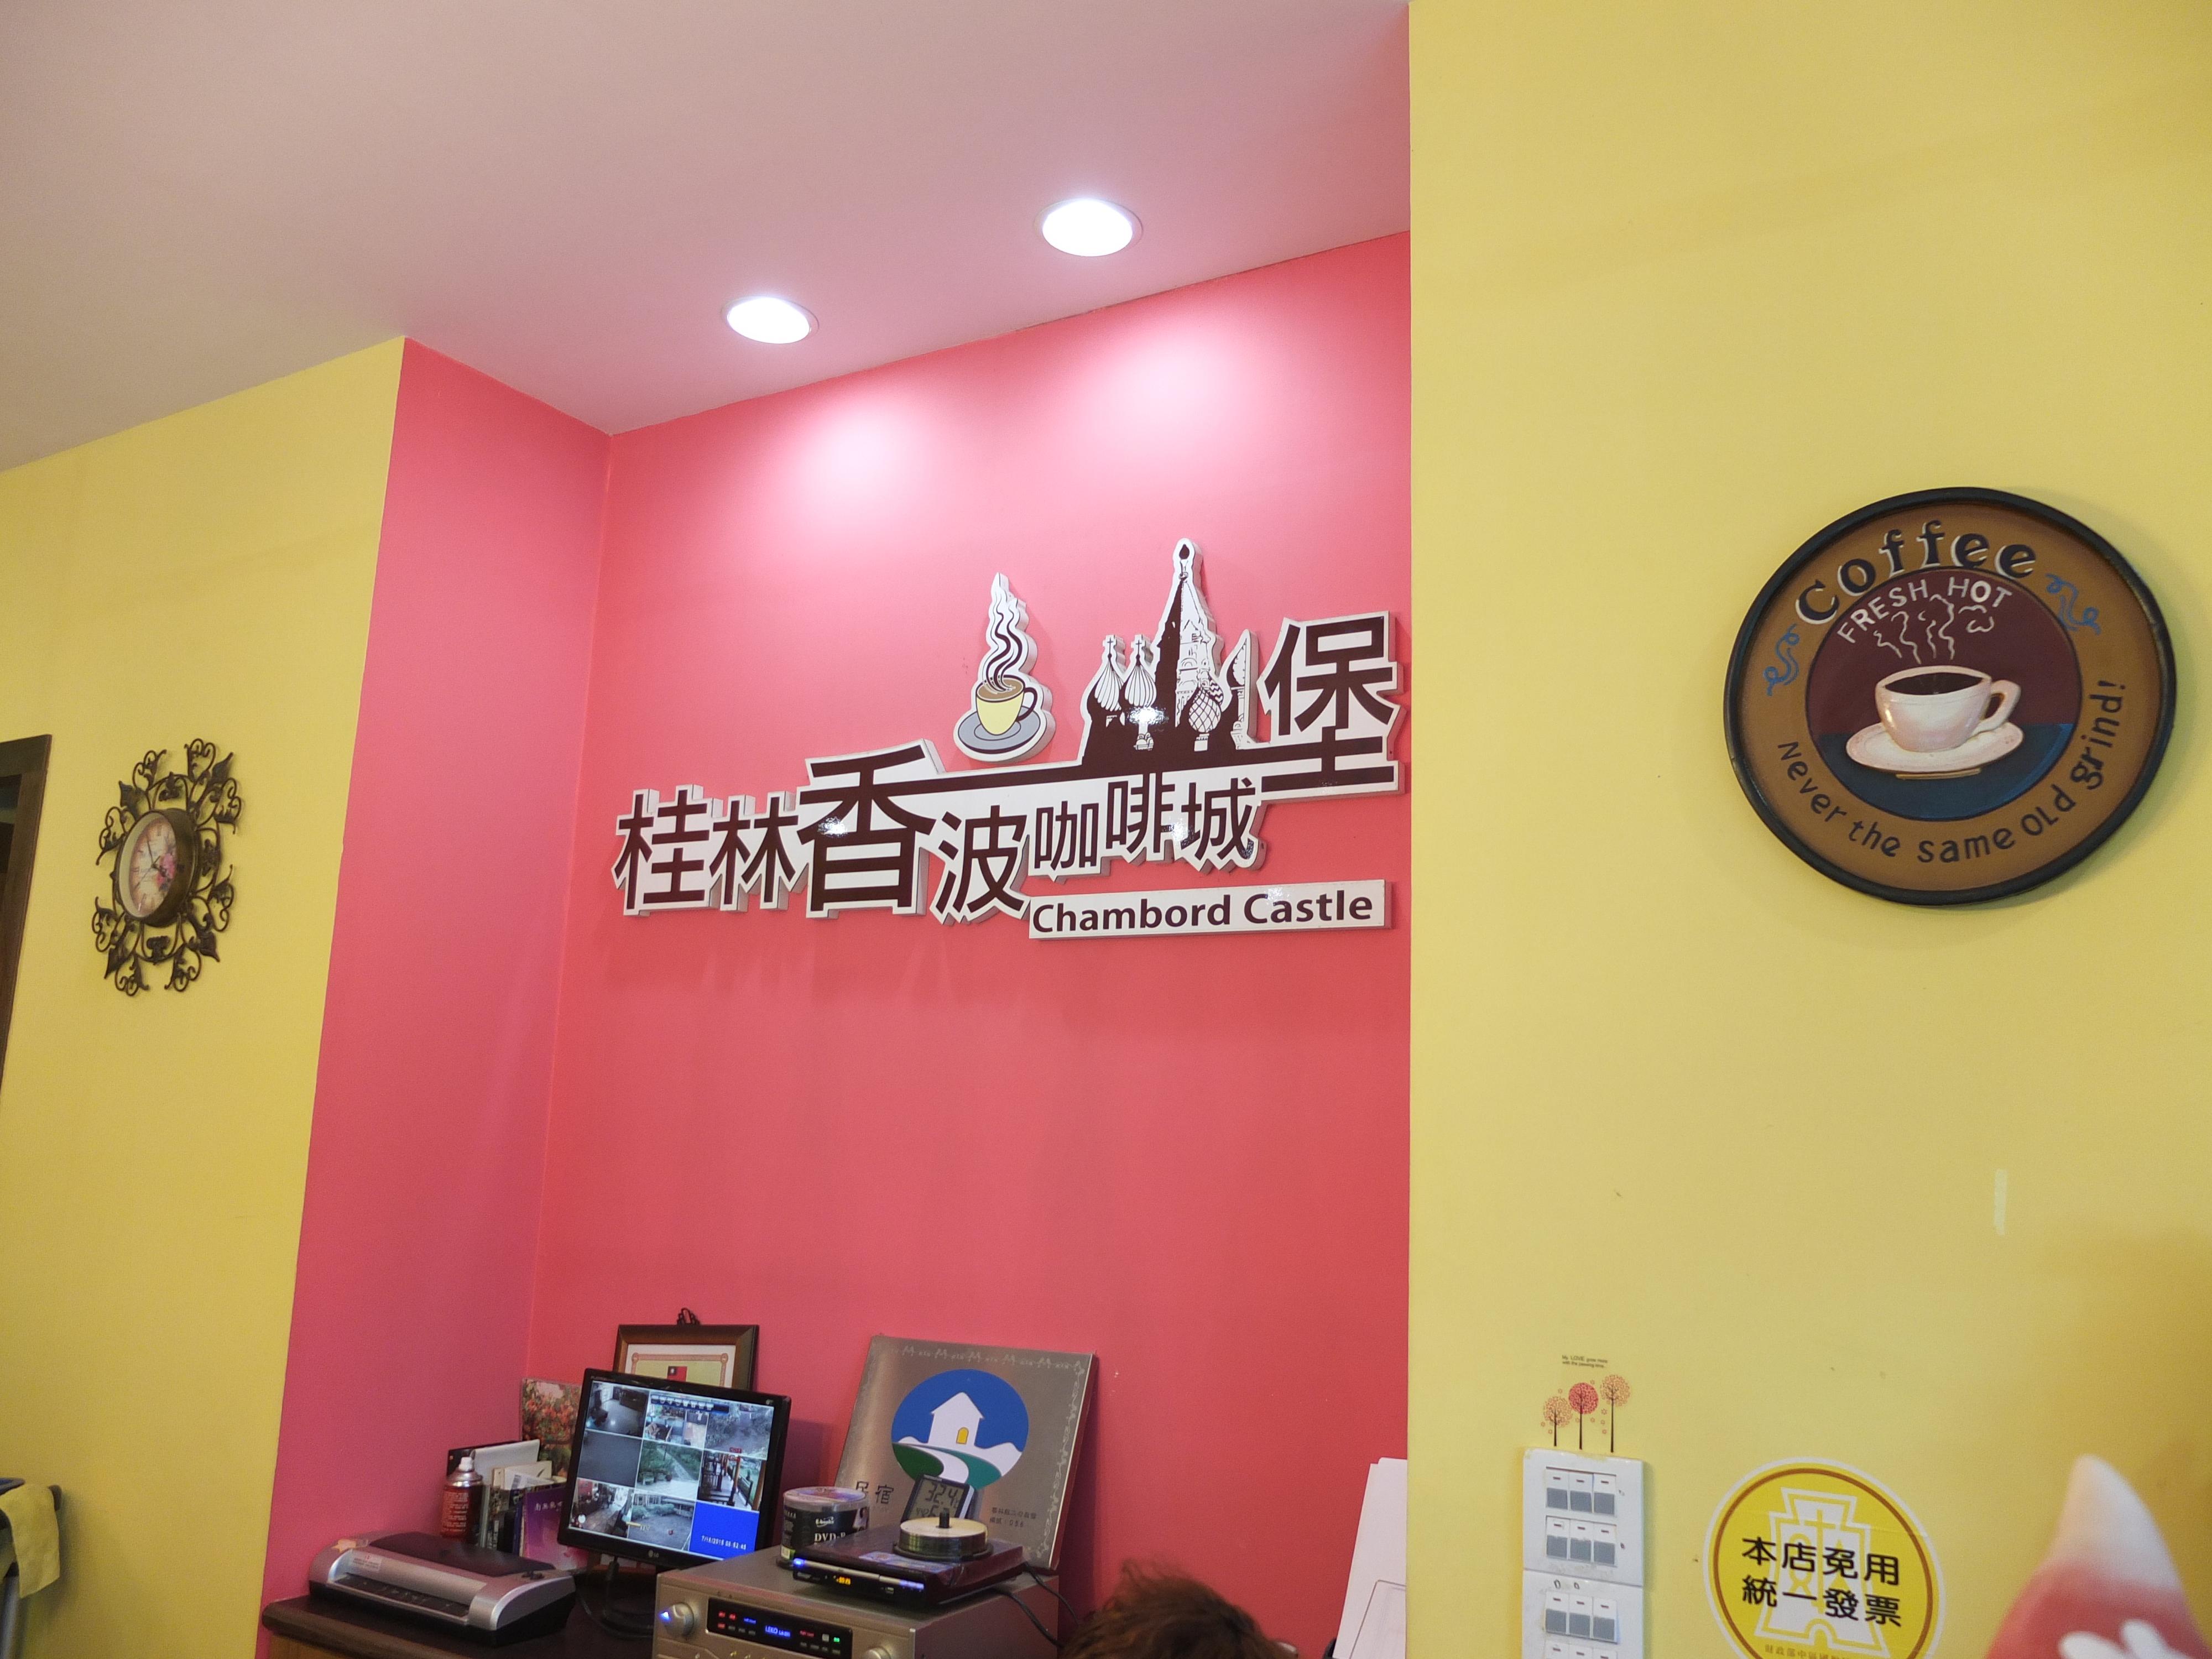 桂林香波咖啡城堡 (11)